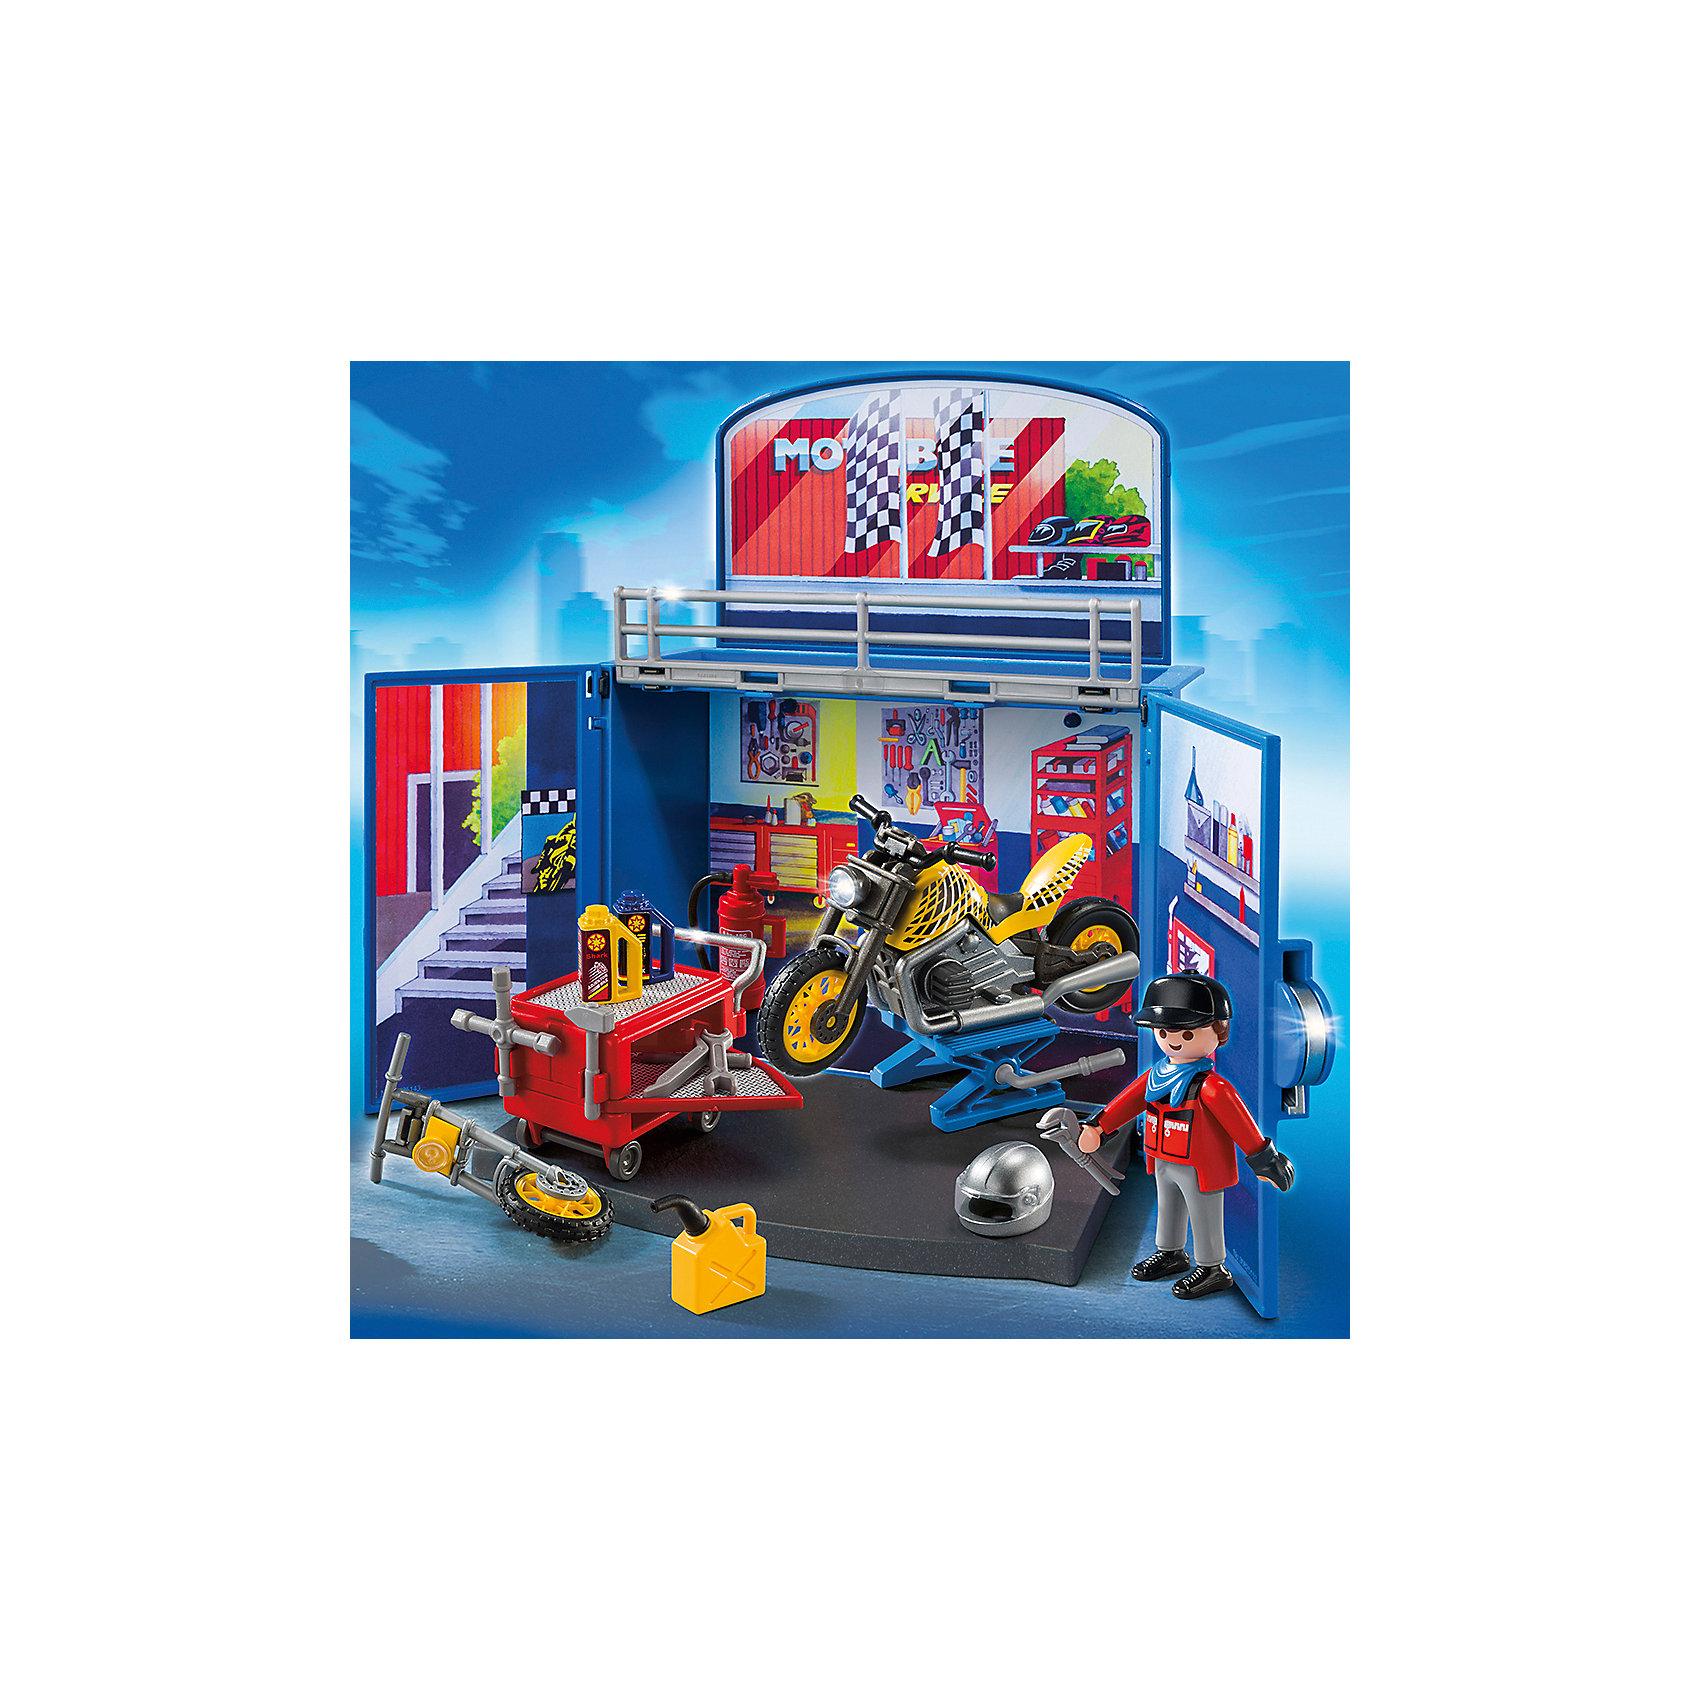 PLAYMOBIL® Возьми с собой: Мастерская мотоциклов, PLAYMOBIL playmobil мальчики с гоночным мотоциклом